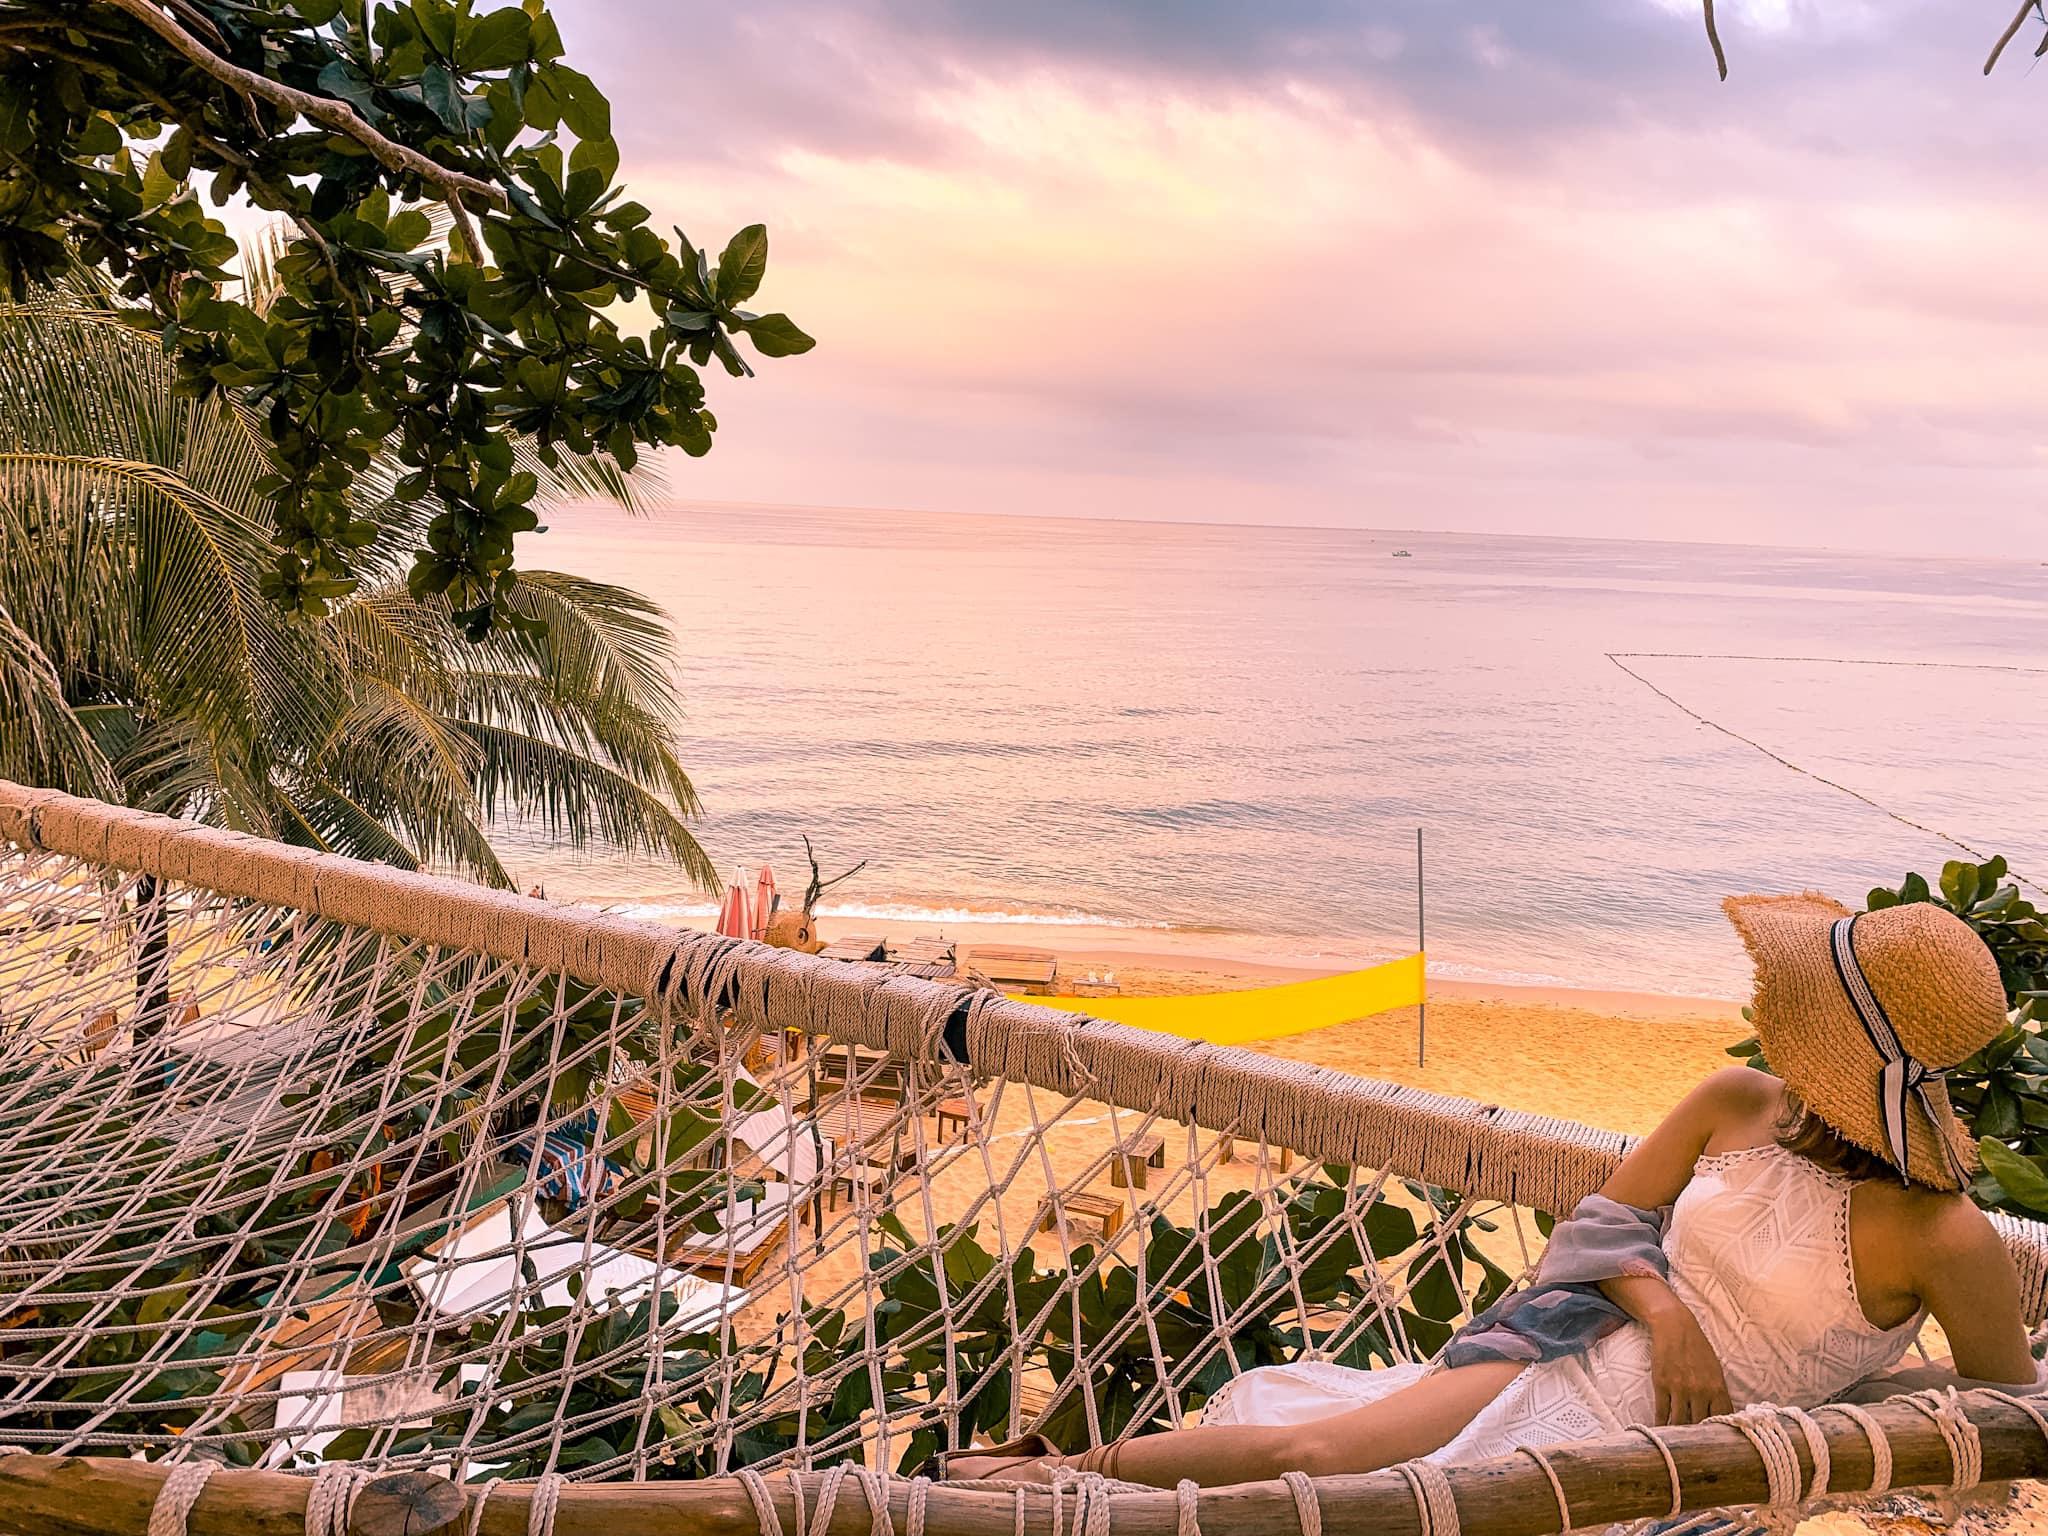 Tour du lịch Phú Quốc khởi hành từ Rạch Giá: Vô vàn ưu đãi trong dịp hè này  - Ảnh 10.